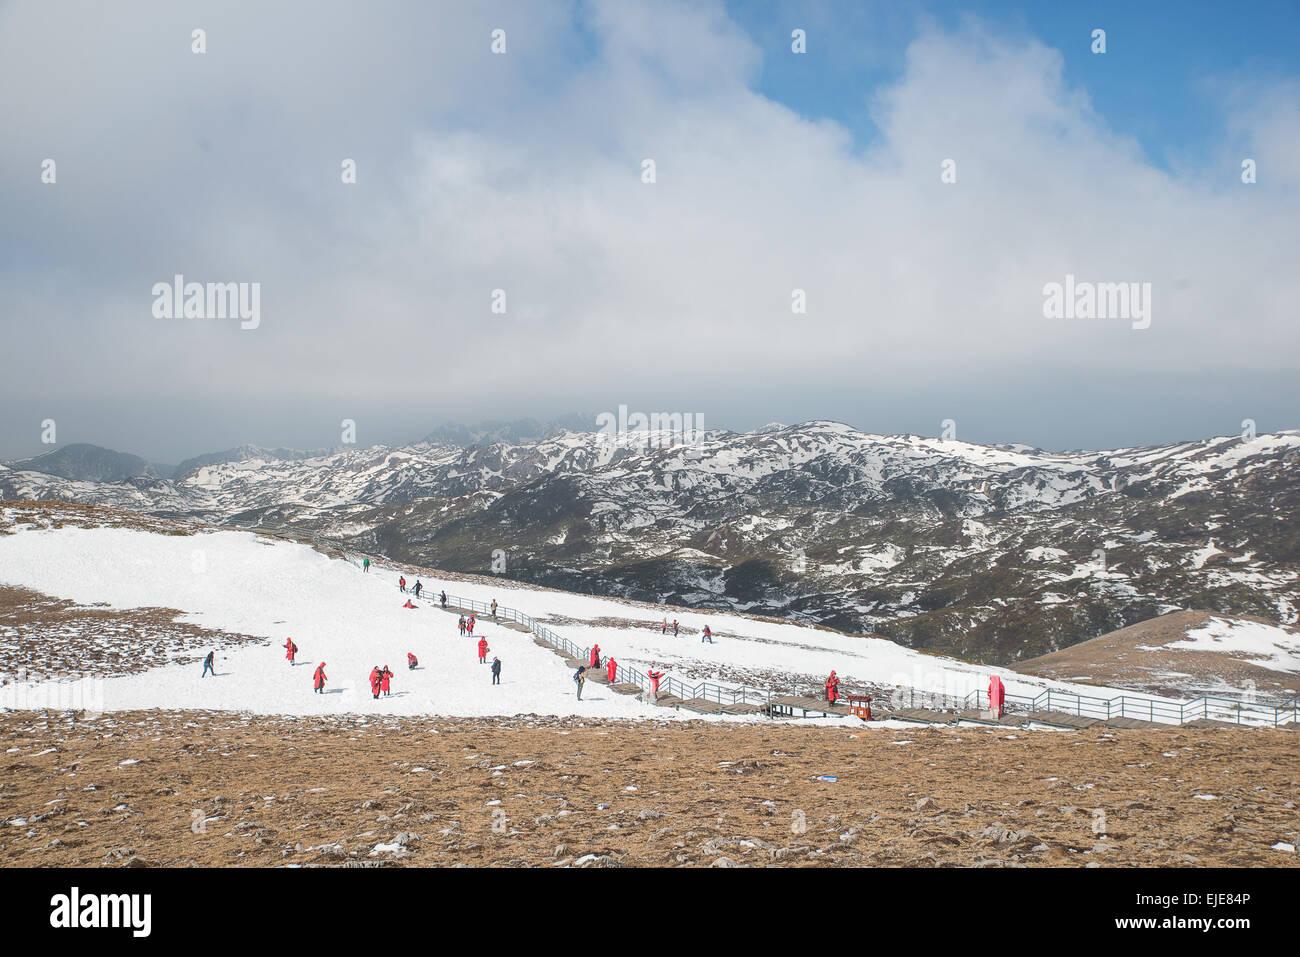 Viele Touristen spielen Schnee im Tal des blauen Mondes im Shangri-La, Yunnan Provinz, China. Stockbild